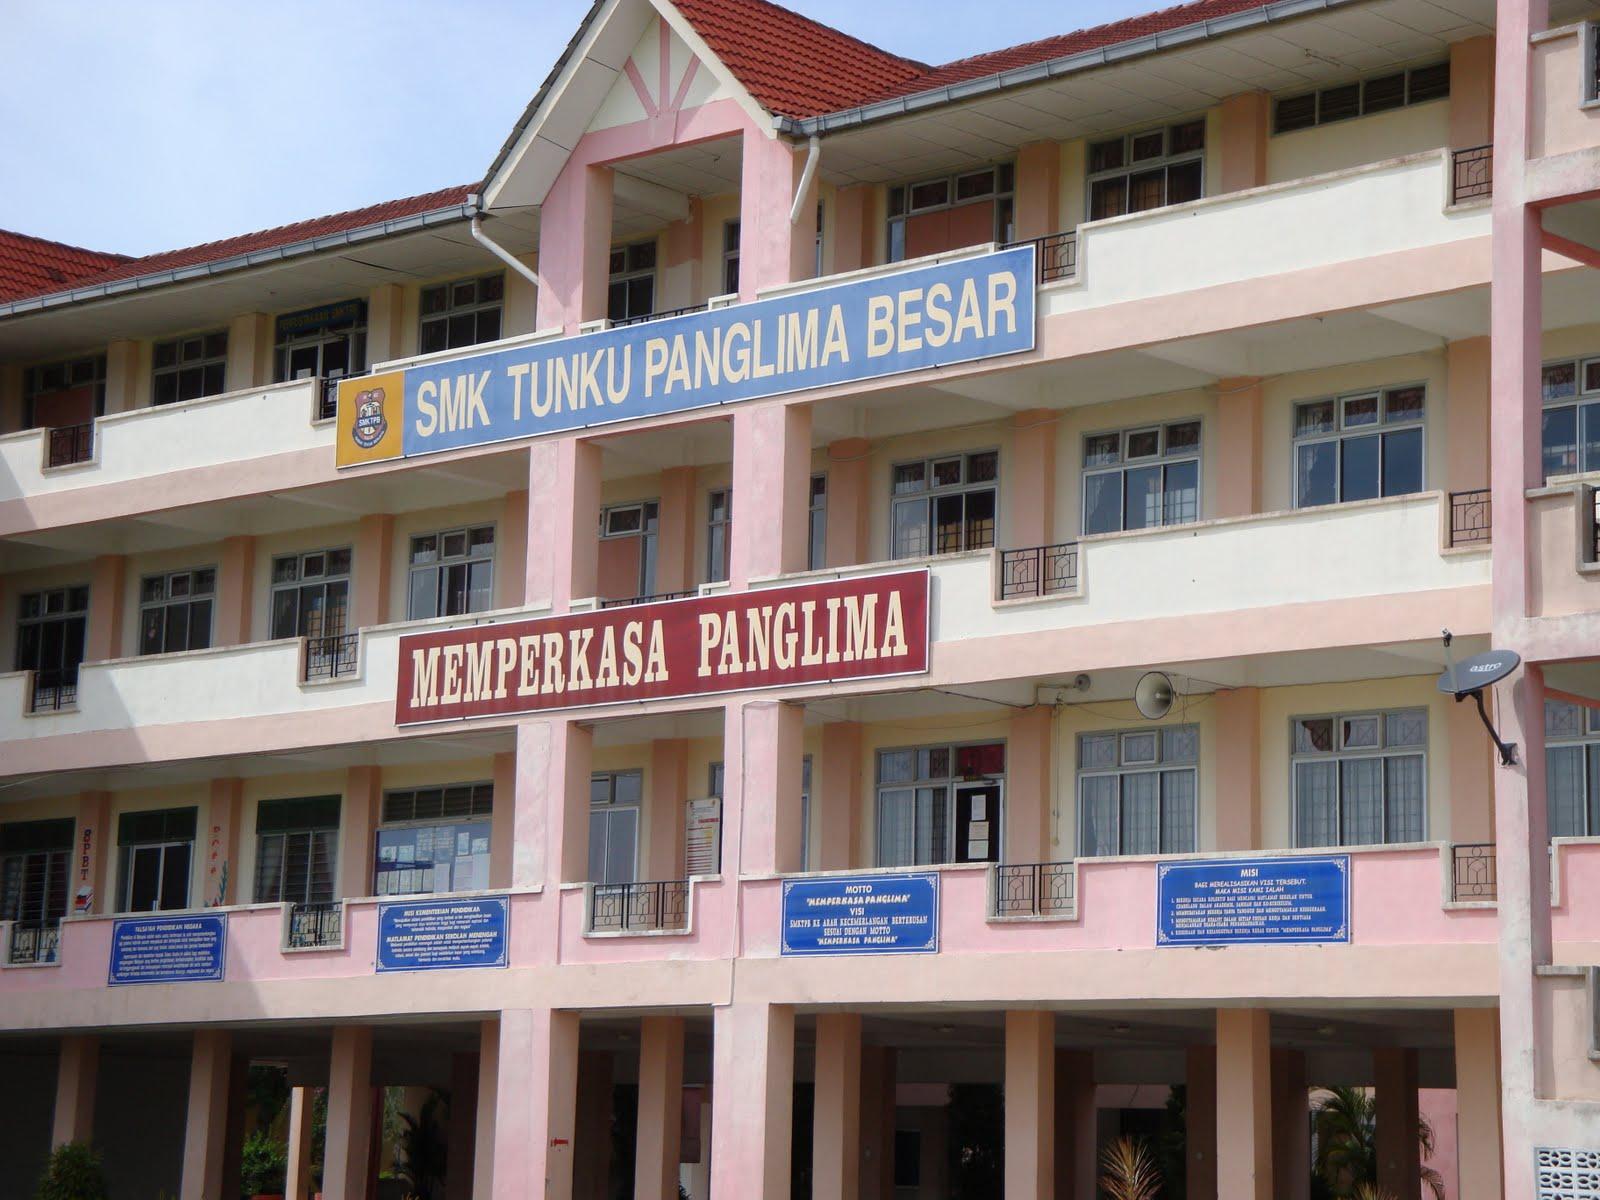 SMK TUNKU PANGLIMA BESAR,KULIM KEDAH.